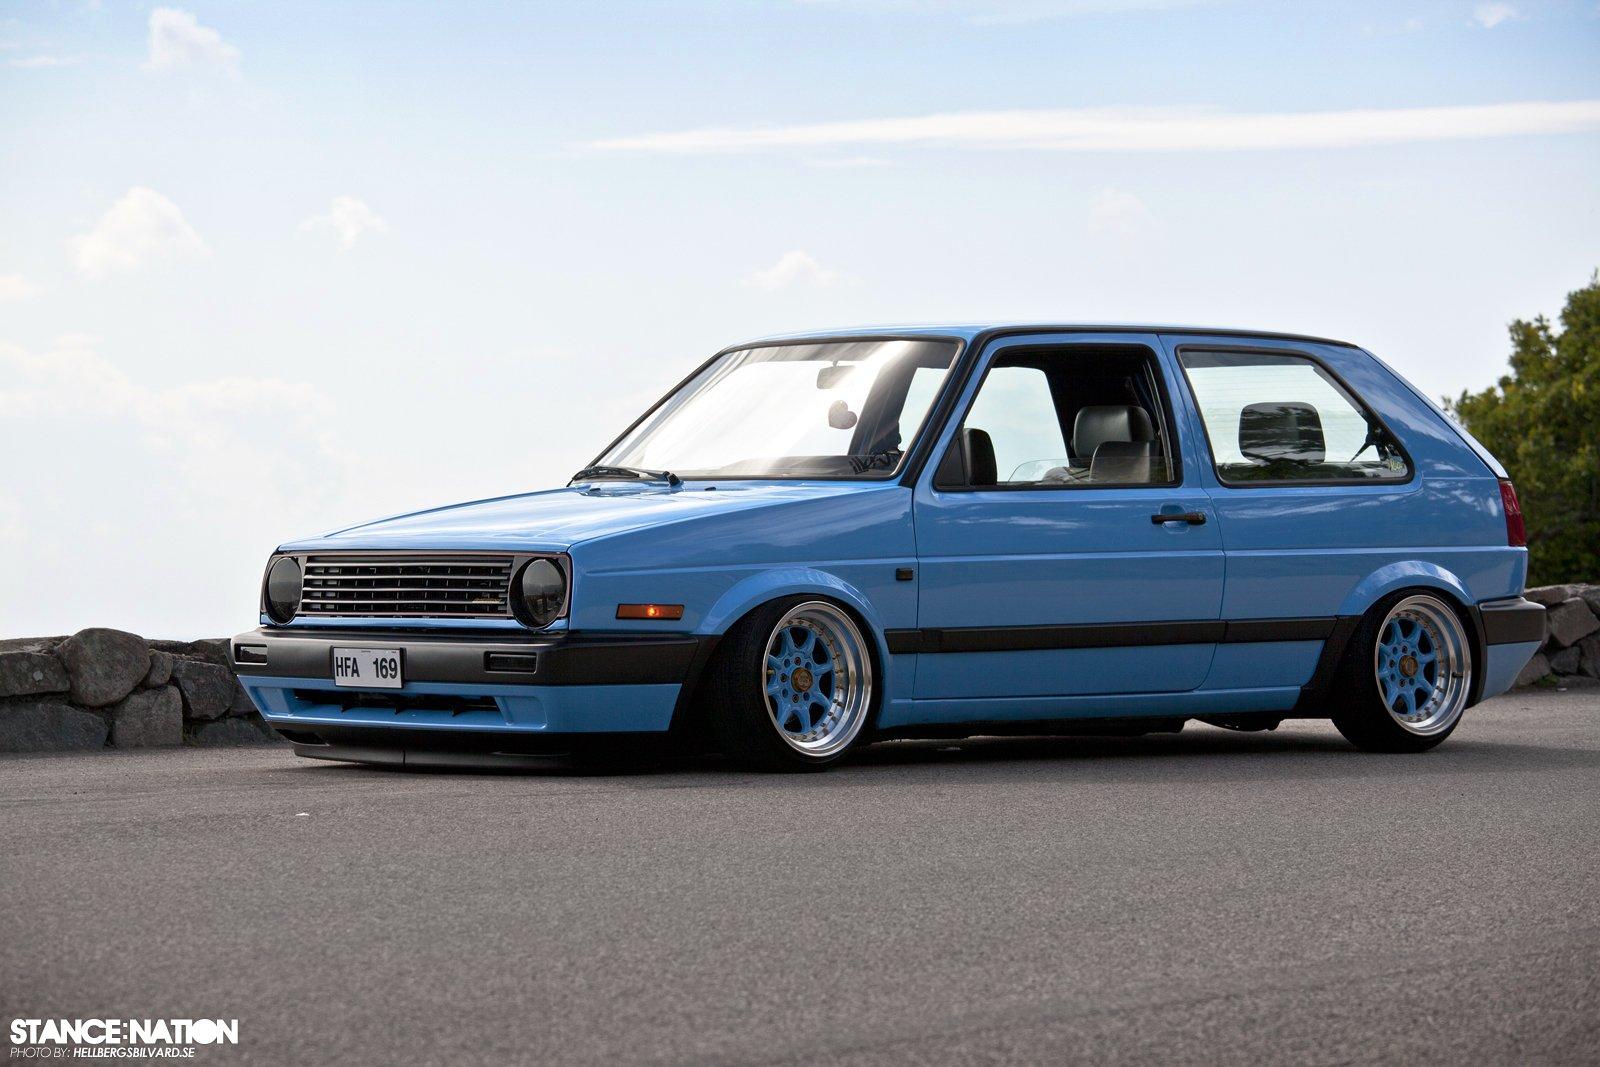 Volkswagen Golf Mk2 Tuning Custom Wallpaper 1600x1067